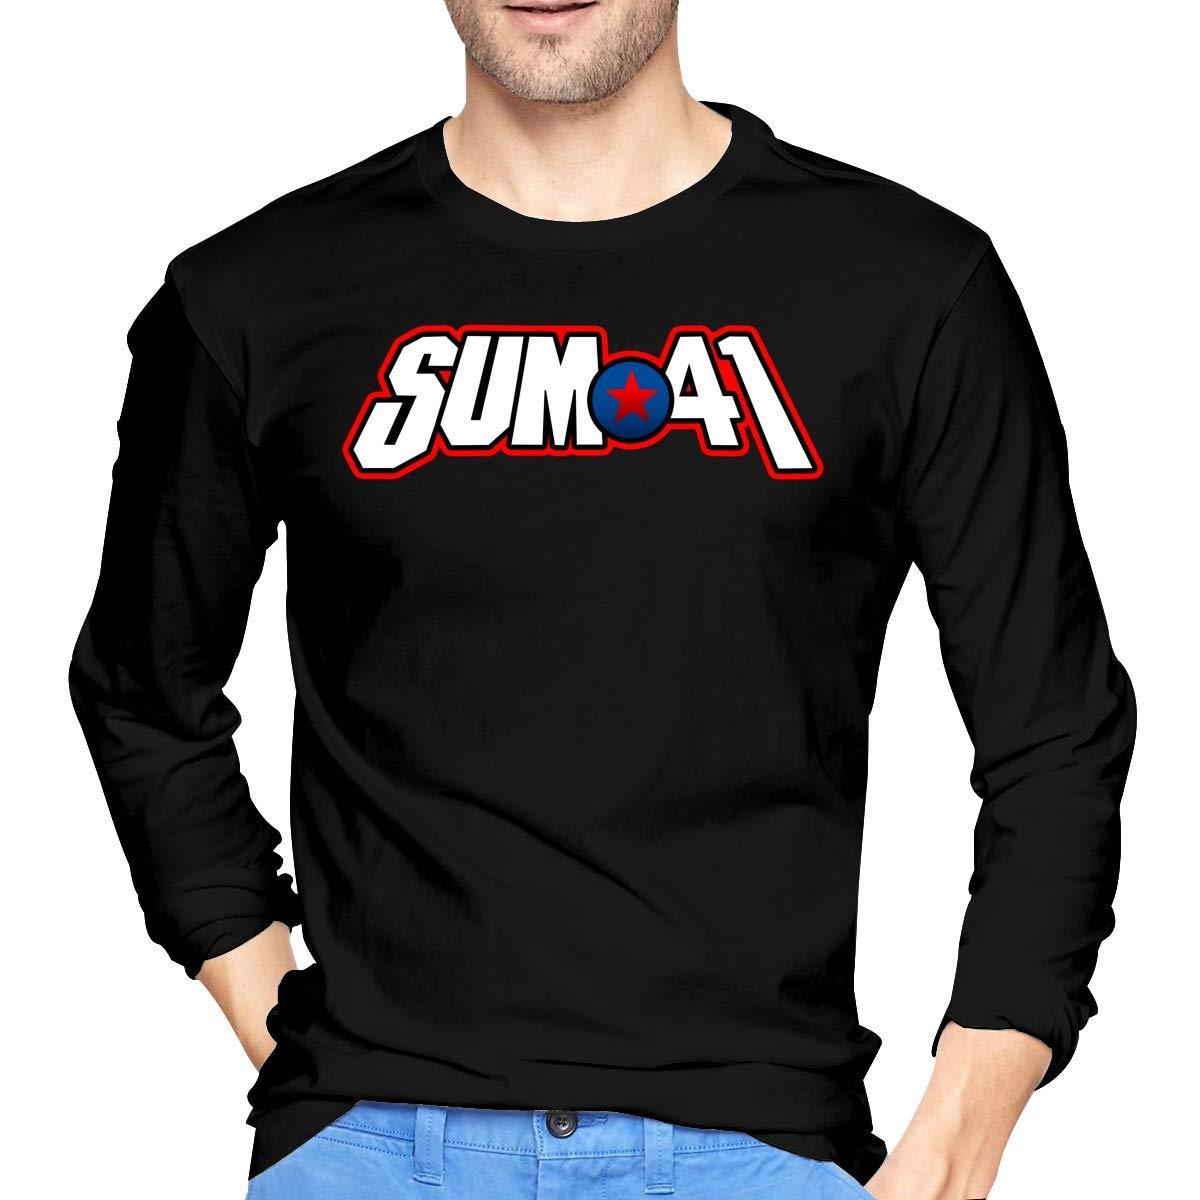 Fssatung S Sum 41 T Shirt Black